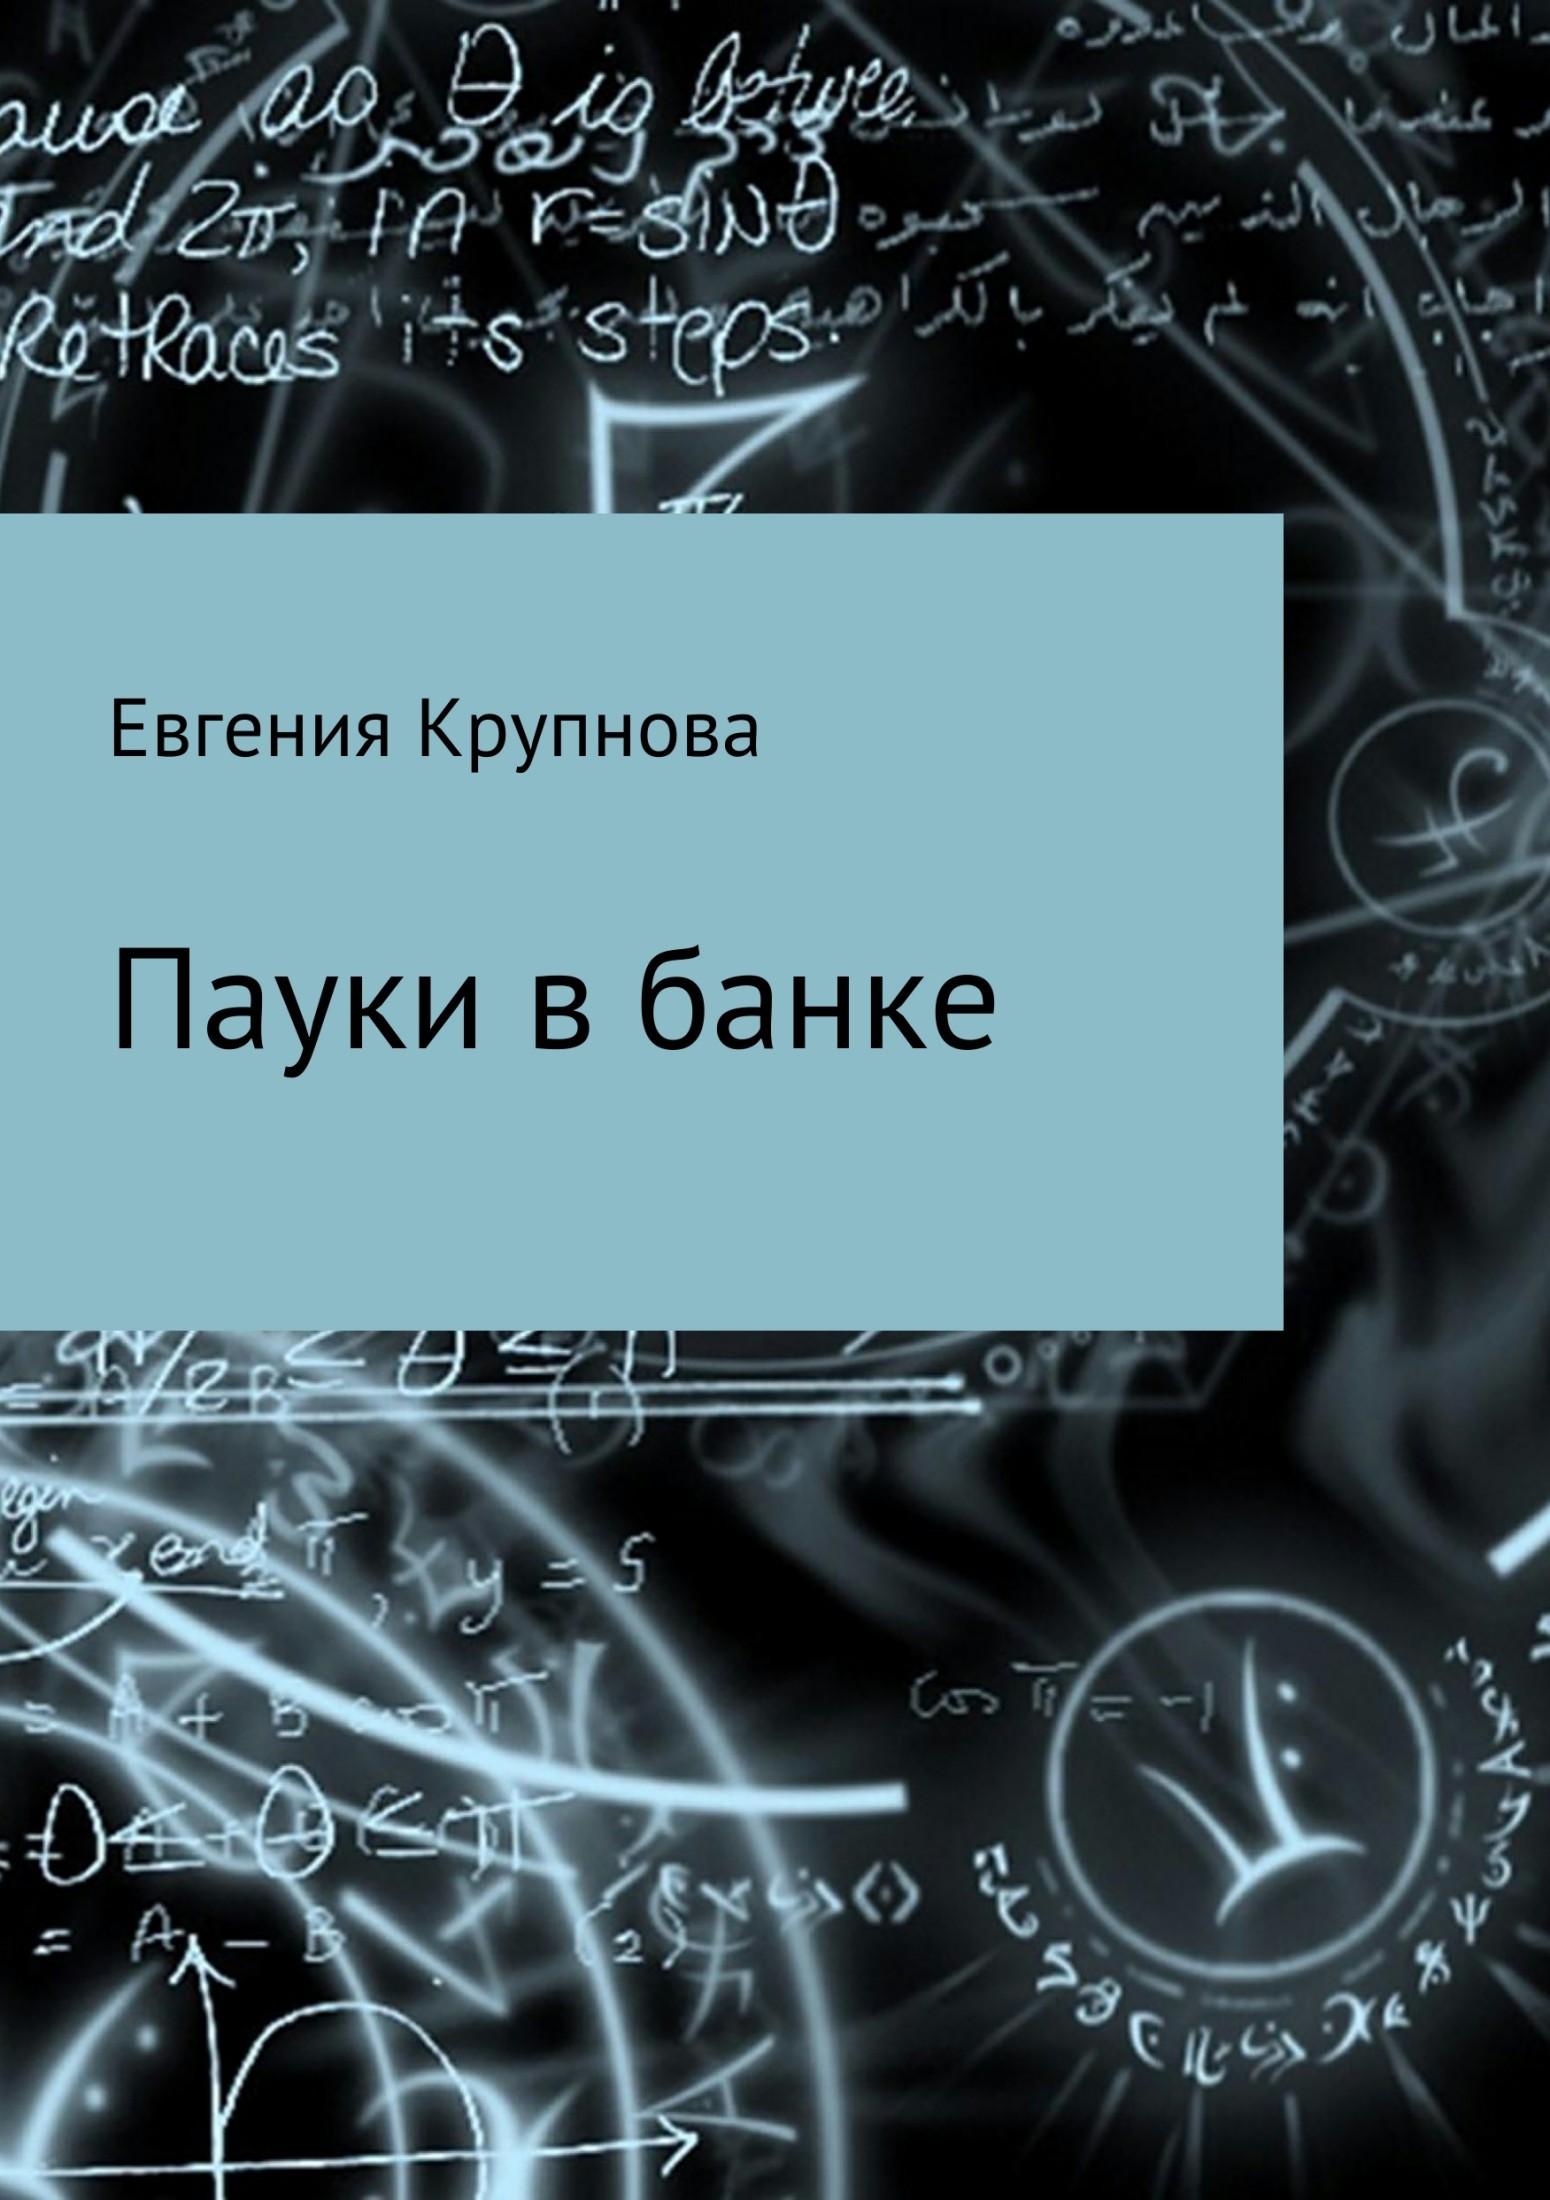 Евгения Анатольевна Крупнова бесплатно